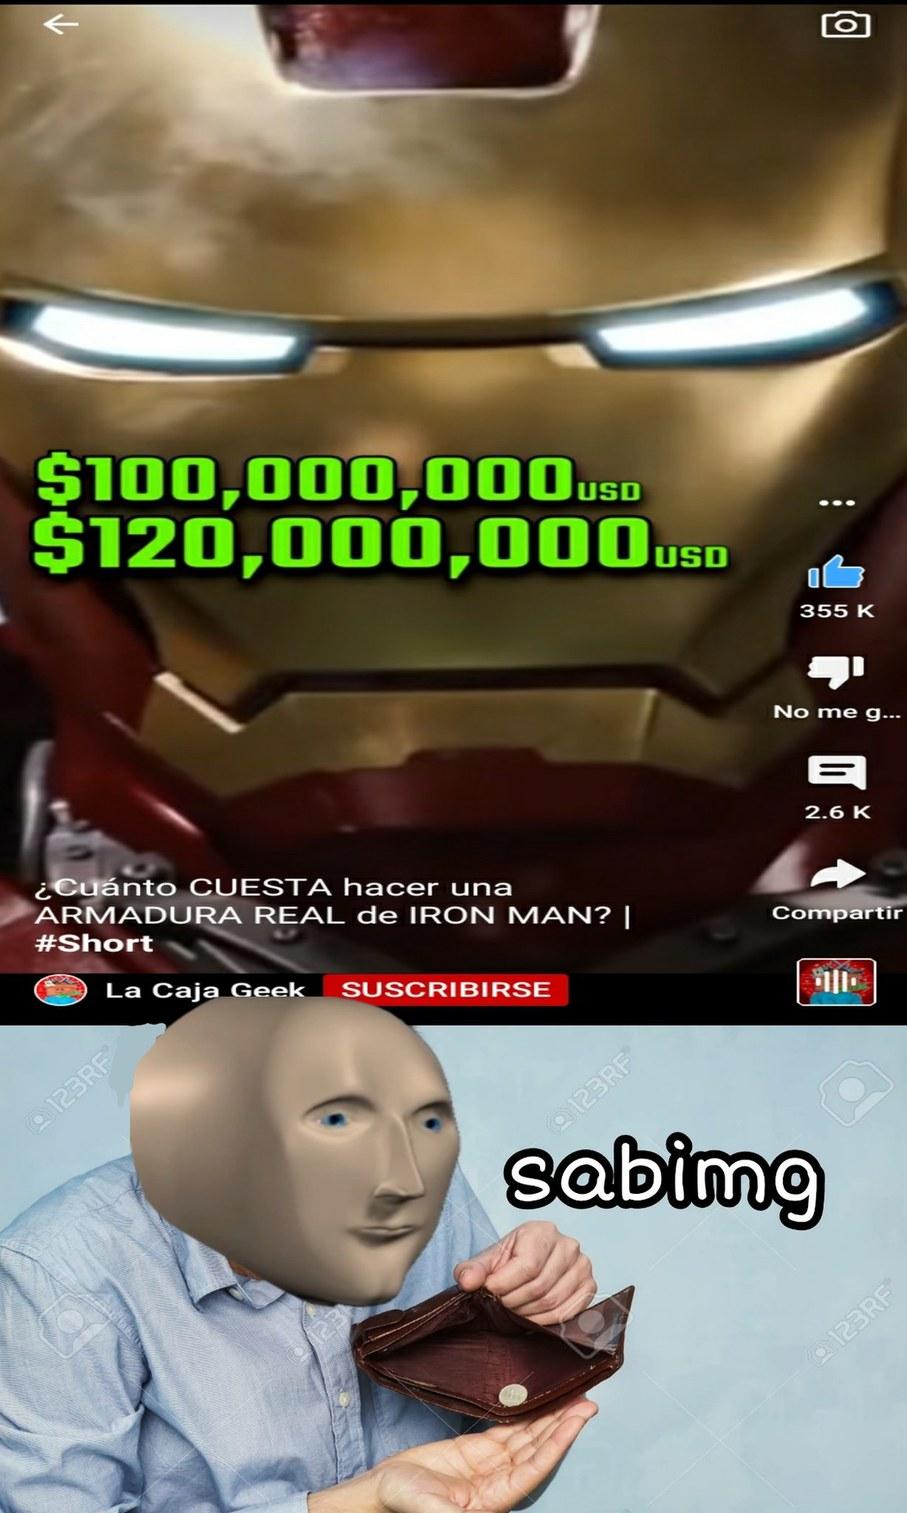 Sabimg = Saving = Ahorrando.  :cool: - meme